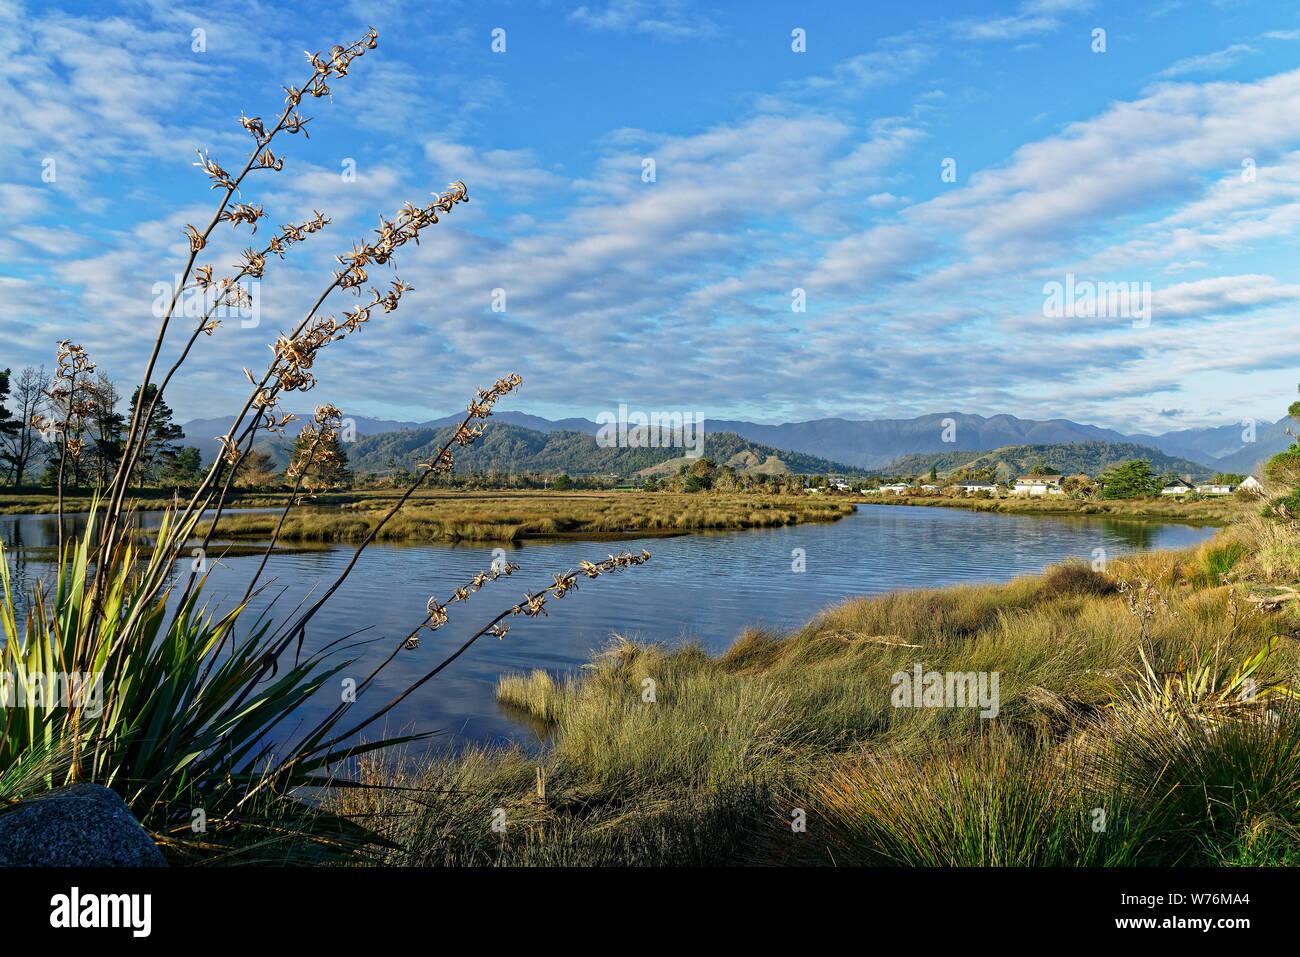 Karamea vistos desde el estuario pasarela Karamea, región de la costa oeste, Nueva Zelanda. Foto de stock